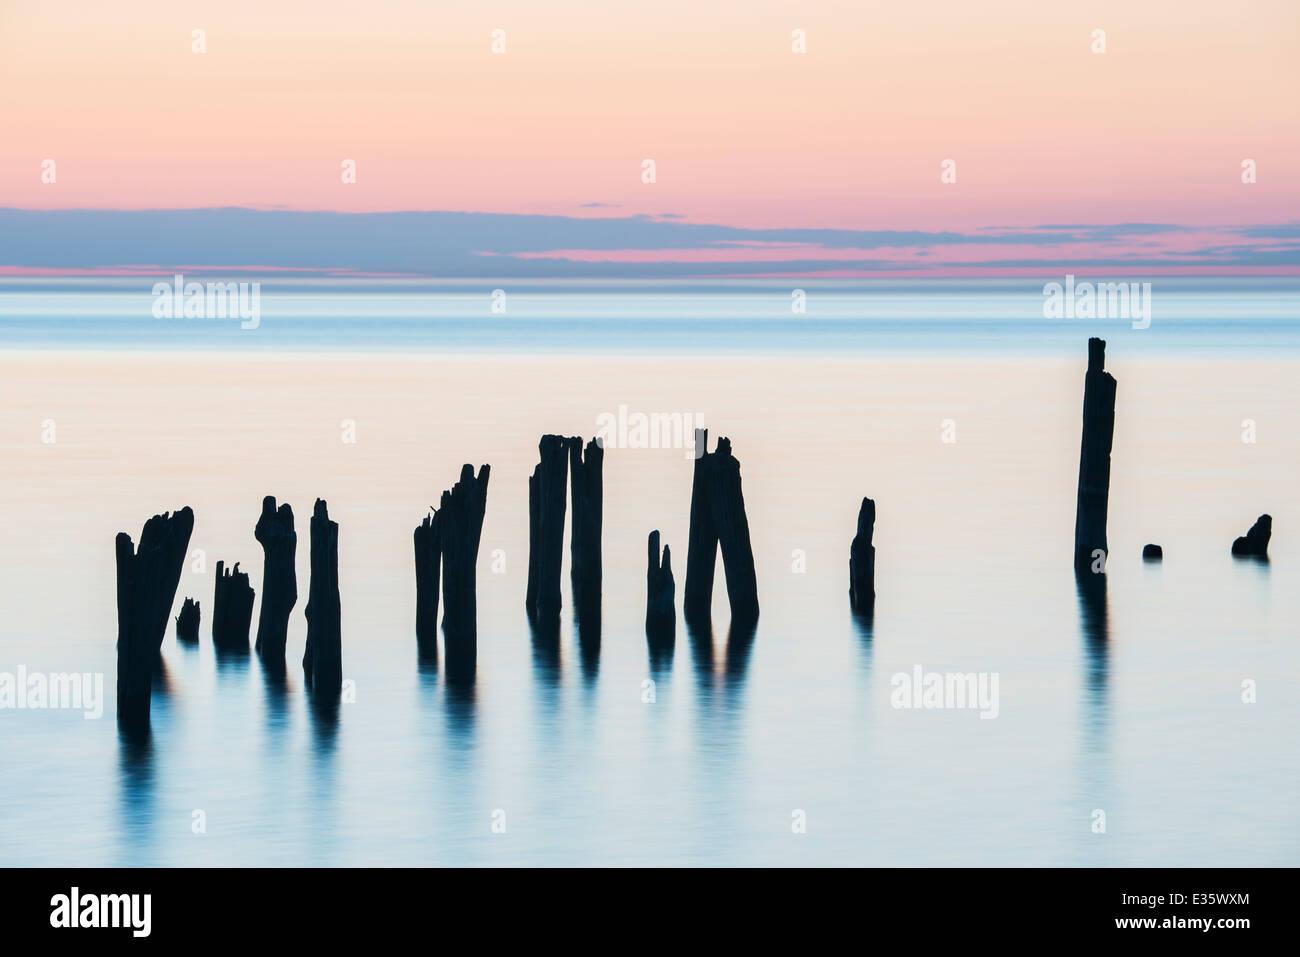 Schattenhafte Figuren, Reste der Dock Pilings halten Sie ruhig in den großen See Lake Huron, Michigan, USA. Stockbild